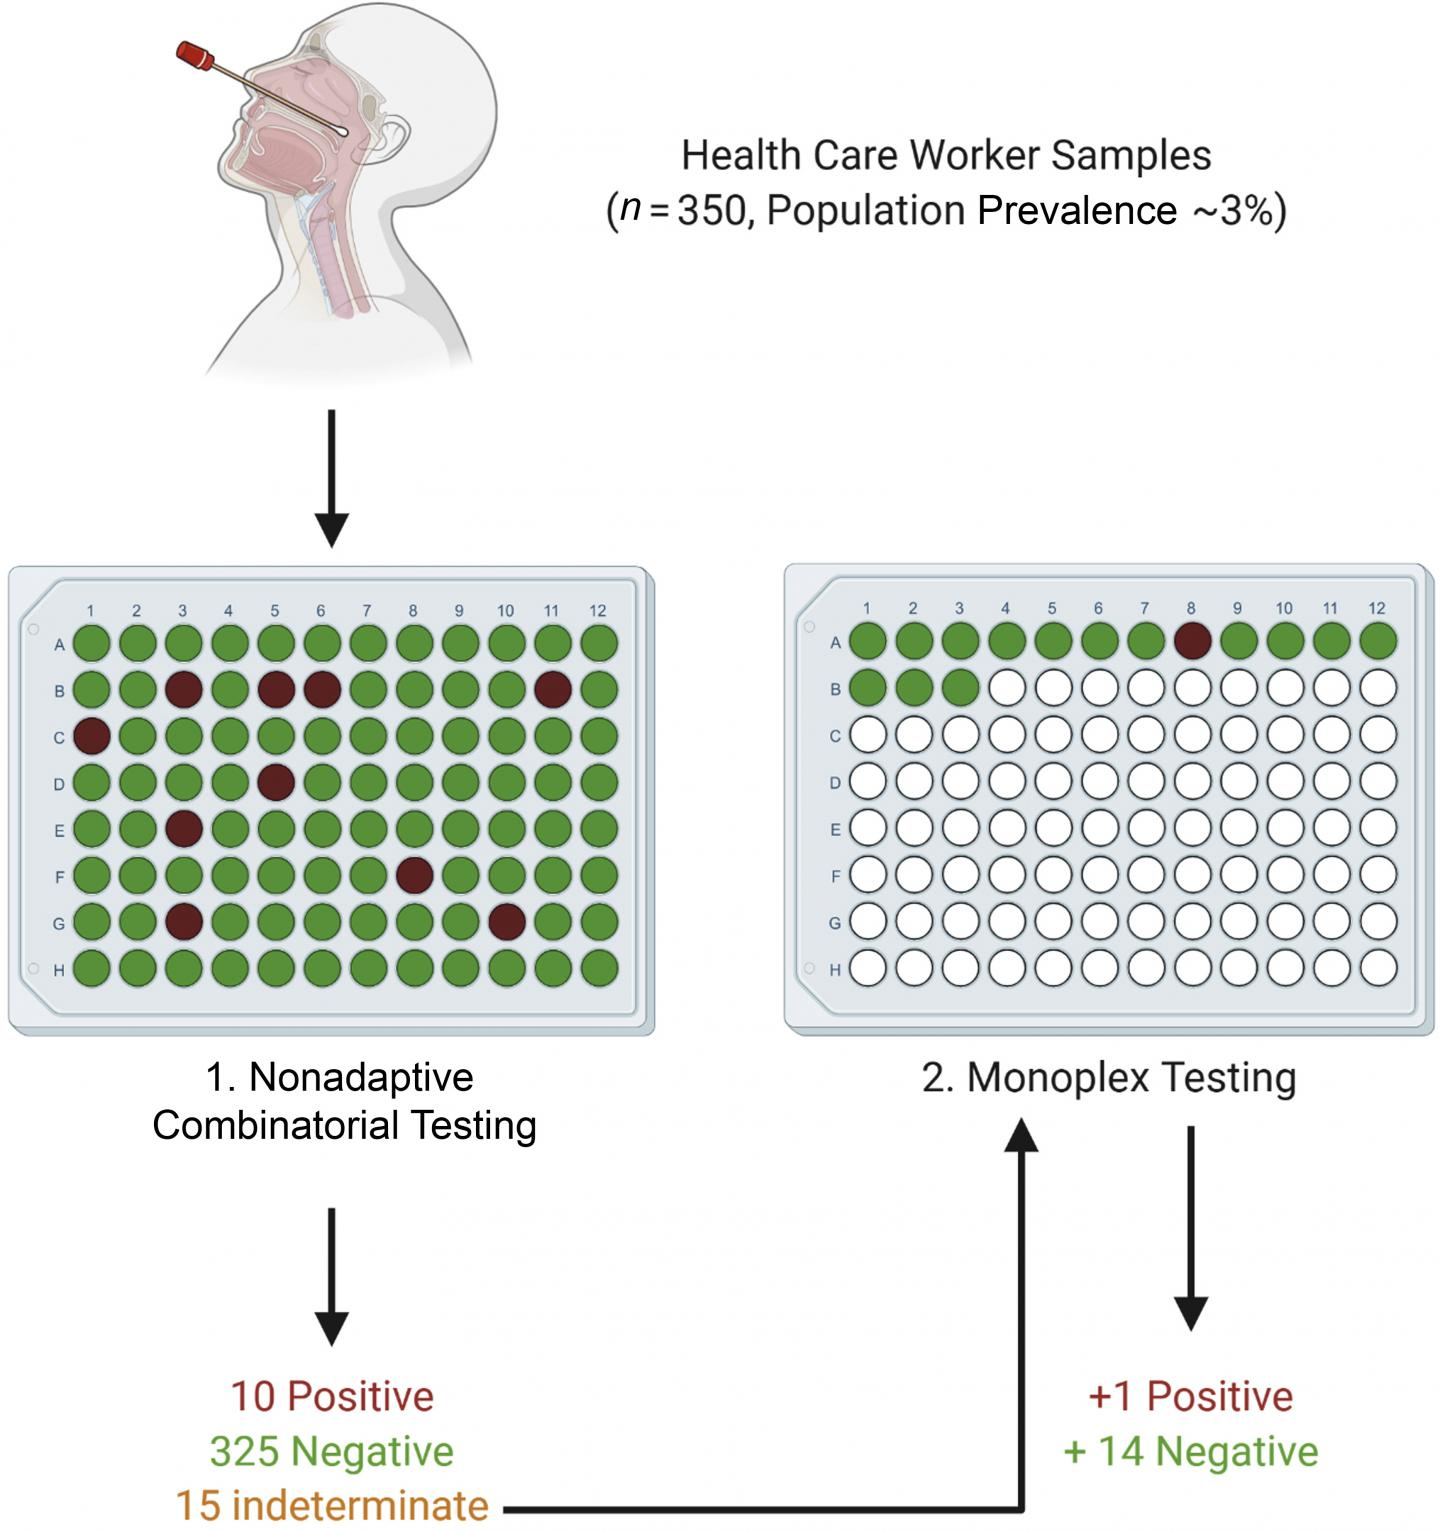 Uma única rodada do novo teste foi capaz de confirmar o status de 335 amostras, ou seja, 96% do agrupamento. (Fonte: The Journal of Molecular Diagnostics/Reprodução)